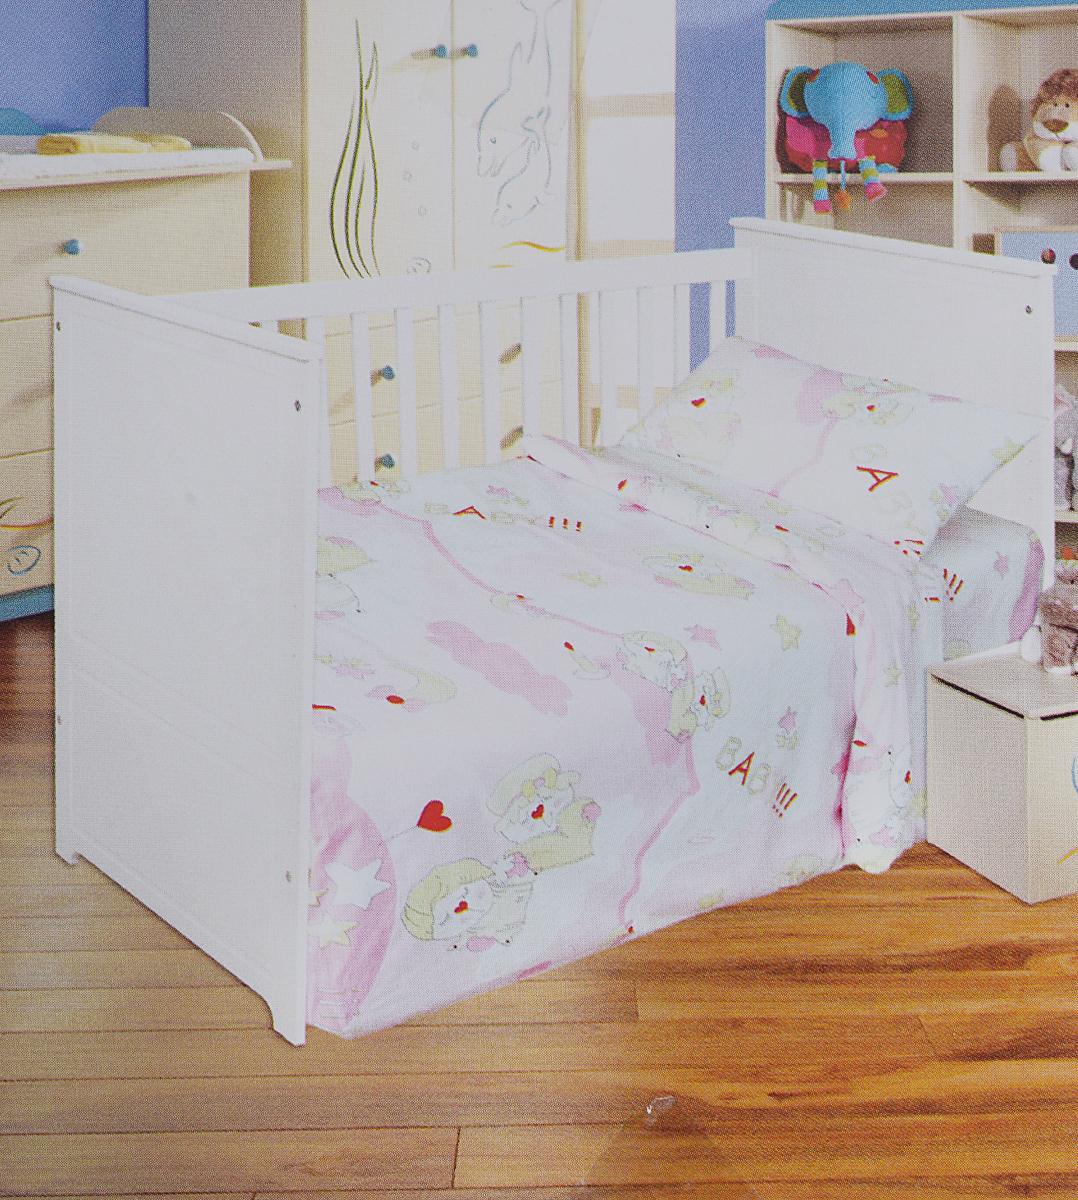 Bonne Fee Комплект белья для новорожденных Гномики цвет розовый01-1032-5Комплект белья для новорожденных Bonne Fee Гномики выполнен в нежных тонах и украшен забавным рисунком. Комплект белья Гномики создаст комфорт и уют в кроватке малыша и обеспечит крепкий и здоровый сон. А современный дизайн и цветовые сочетания помогут ребенку адаптироваться в новом для него мире. Комплект белья для новорожденных Bonne Fee Гномики хорошо впишется в интерьер детской комнаты, или спальни родителей. Комплект постельного белья Гномики выполнен из натурального и экологически чистого 100% хлопка. Качество материала обеспечивает легкость стирки и долговечность. Комплект включает в себя наволочку, пододеяльник и простыню.